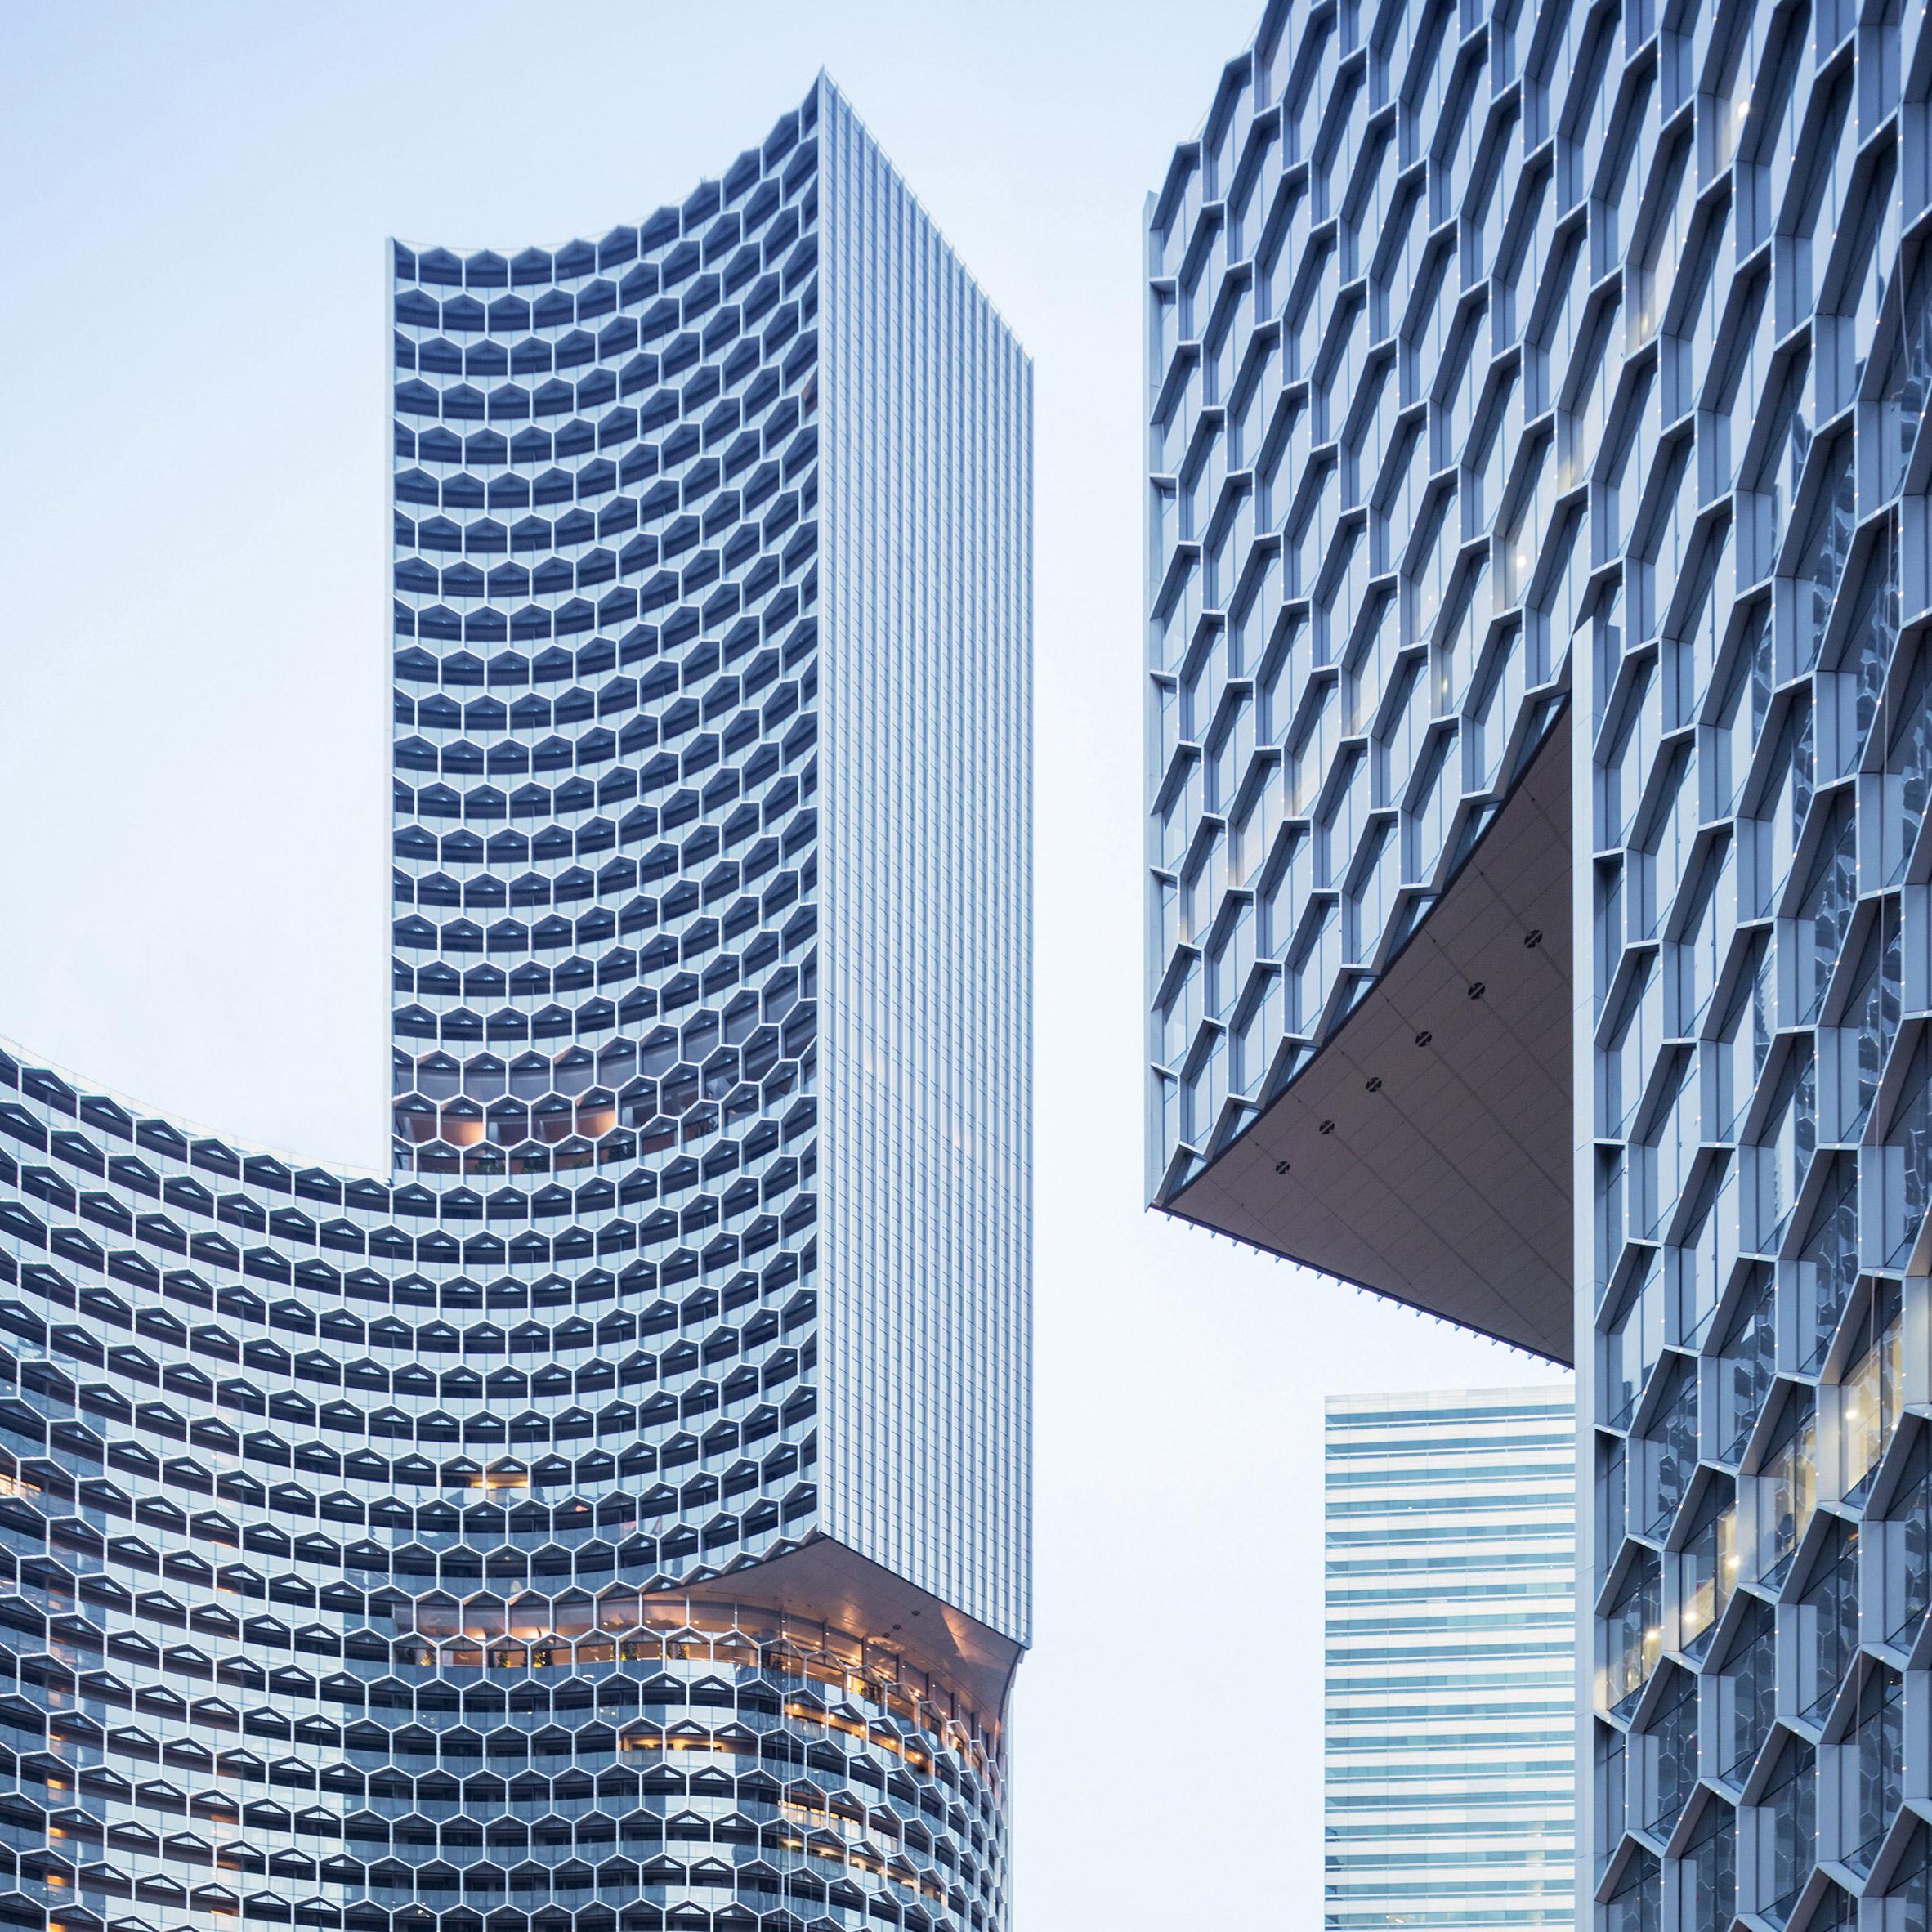 Top 10 skyscrapers: Duo, Singapore, by Büro Ole Scheeren